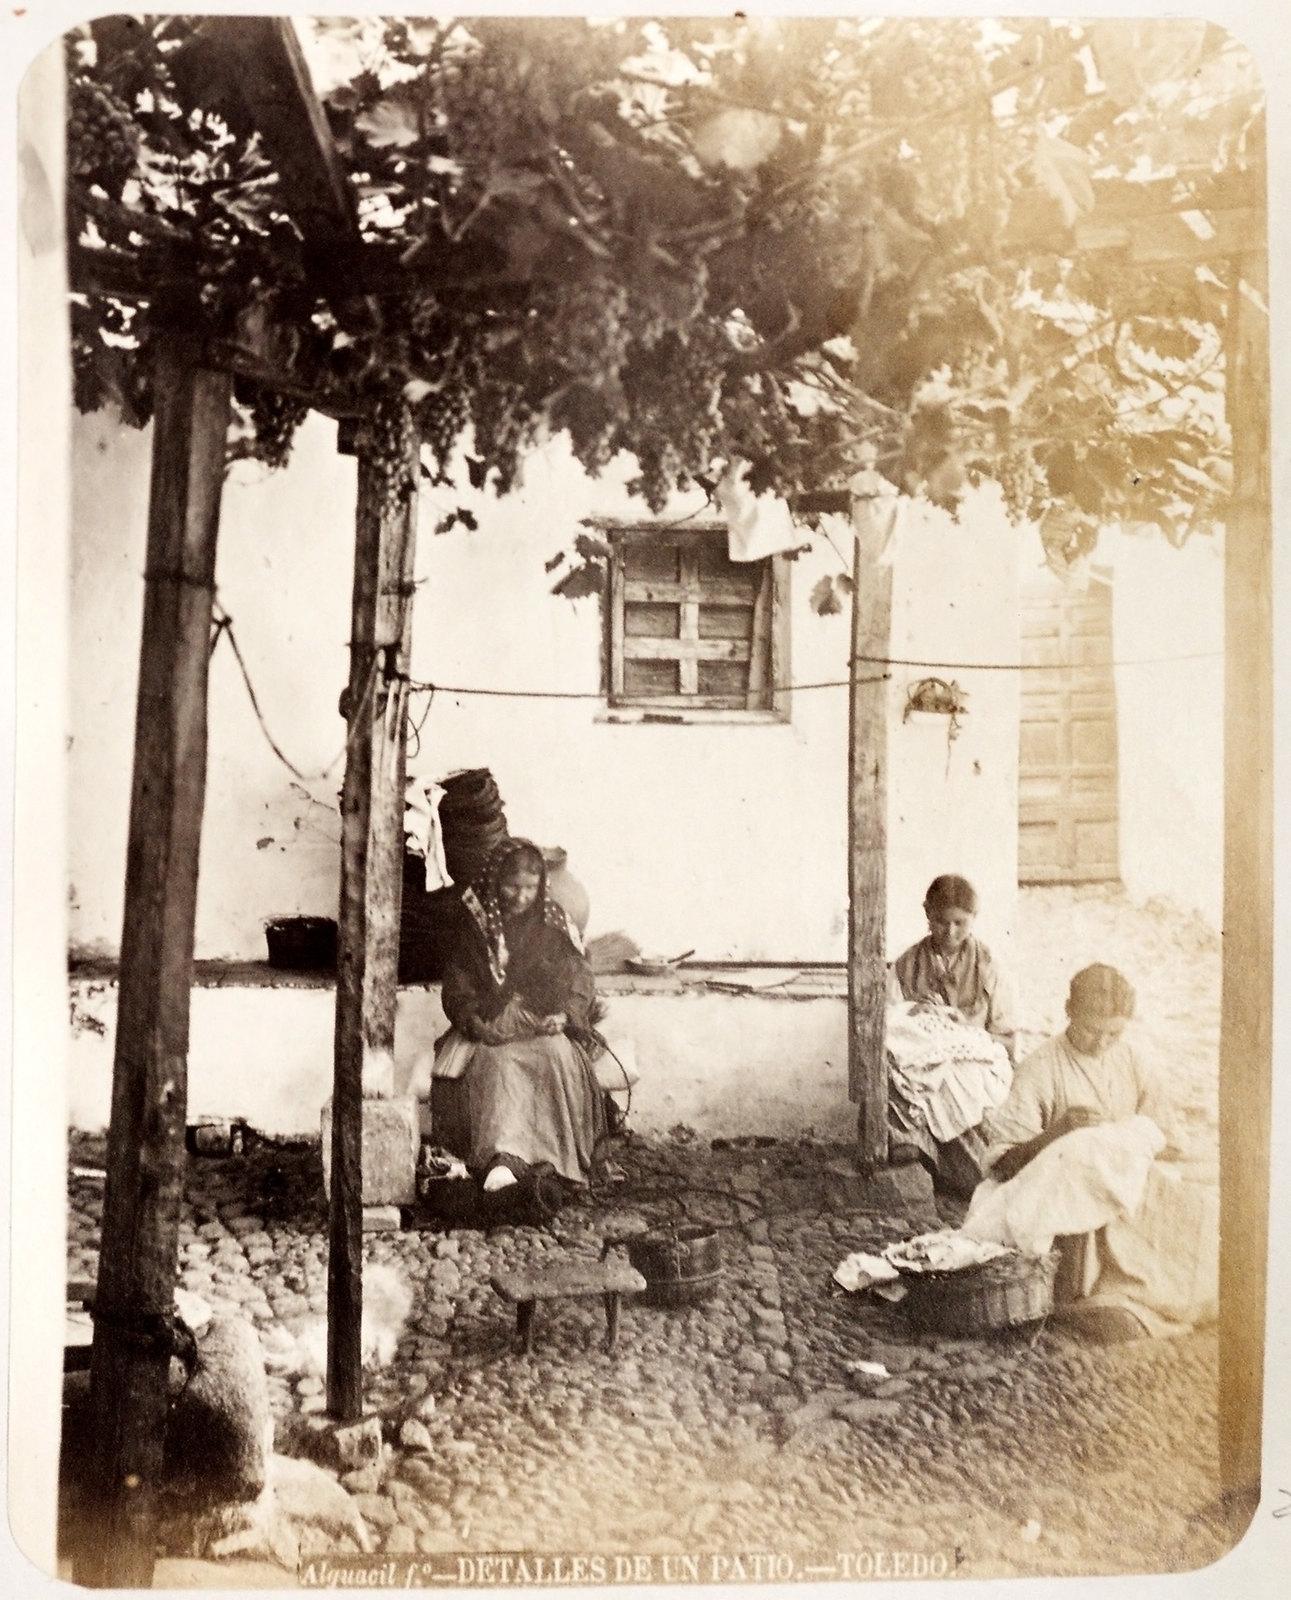 Cosiendo en un patio de Toledo hacia 1879. Álbum de la National Gallery con fotos de Casiano Alguacil.